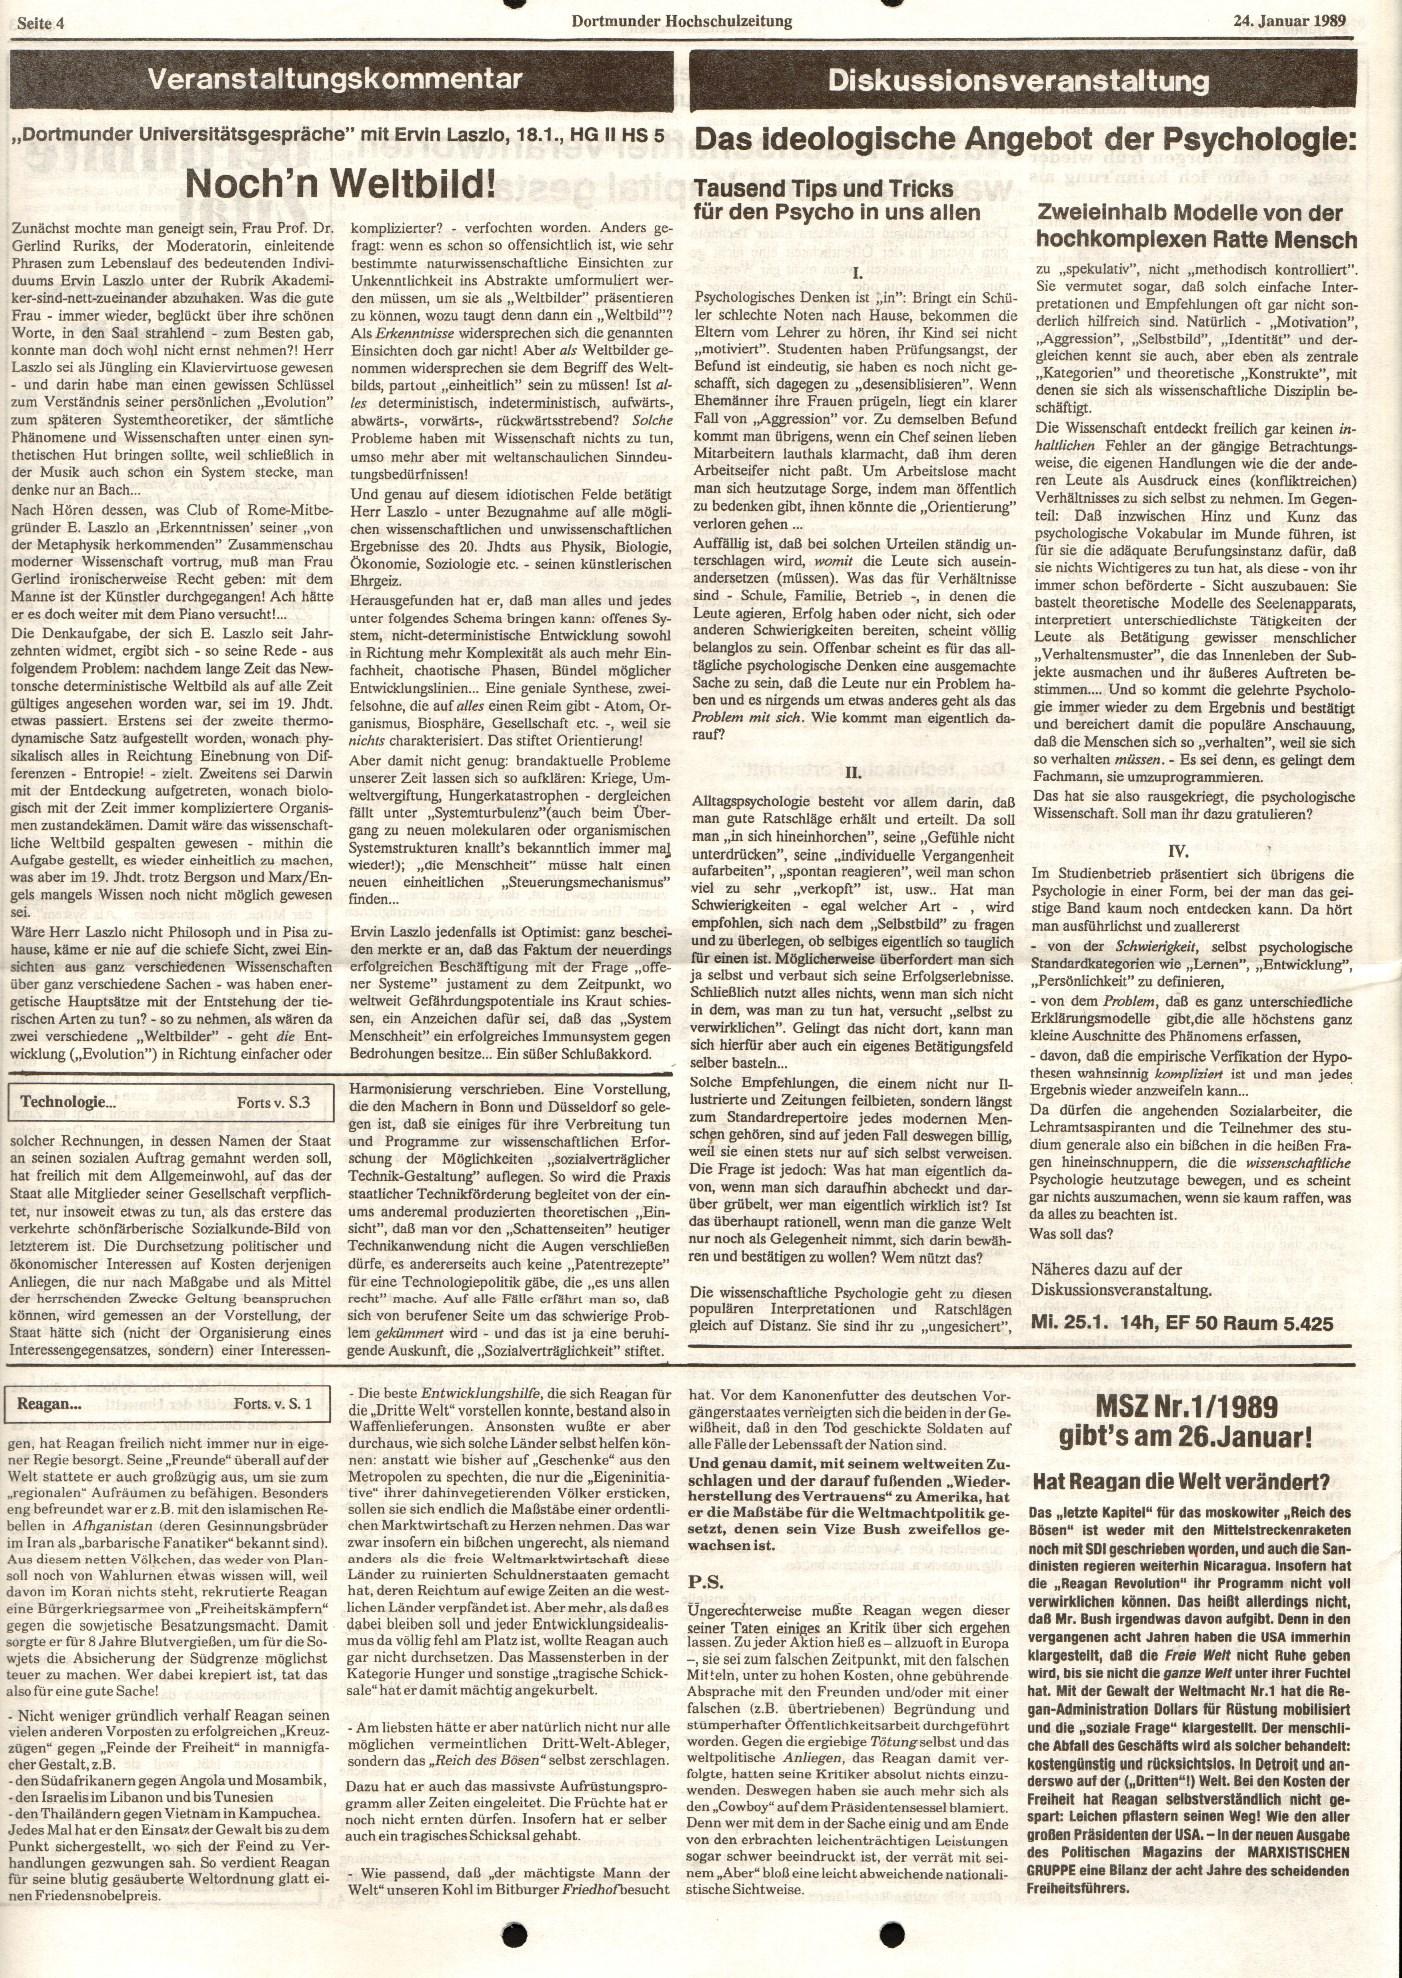 MG_Dortmunder_Hochschulzeitung_19890124_04